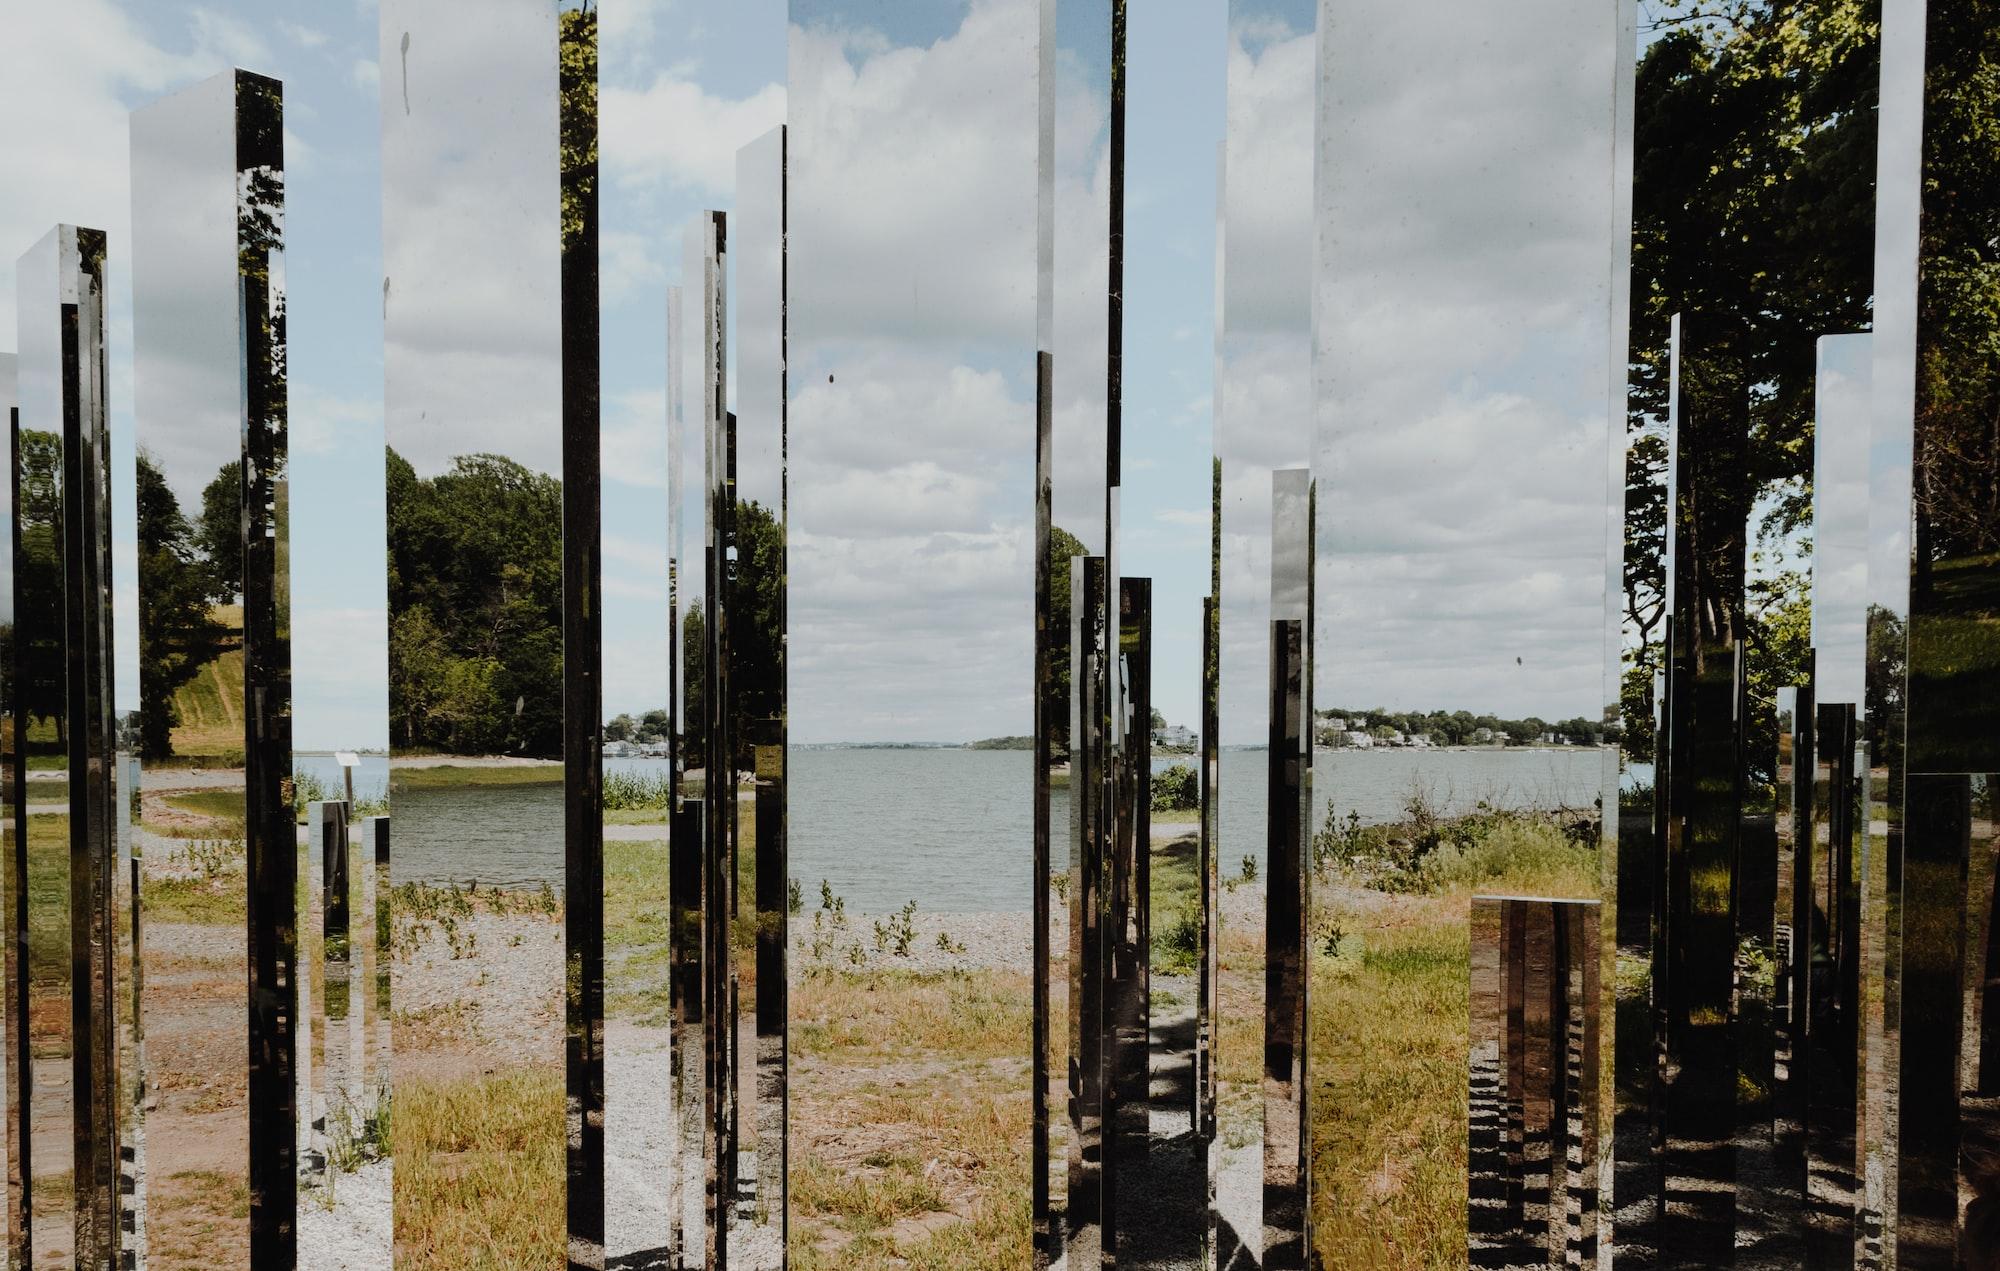 Это арт-инсталляция в парке World's End